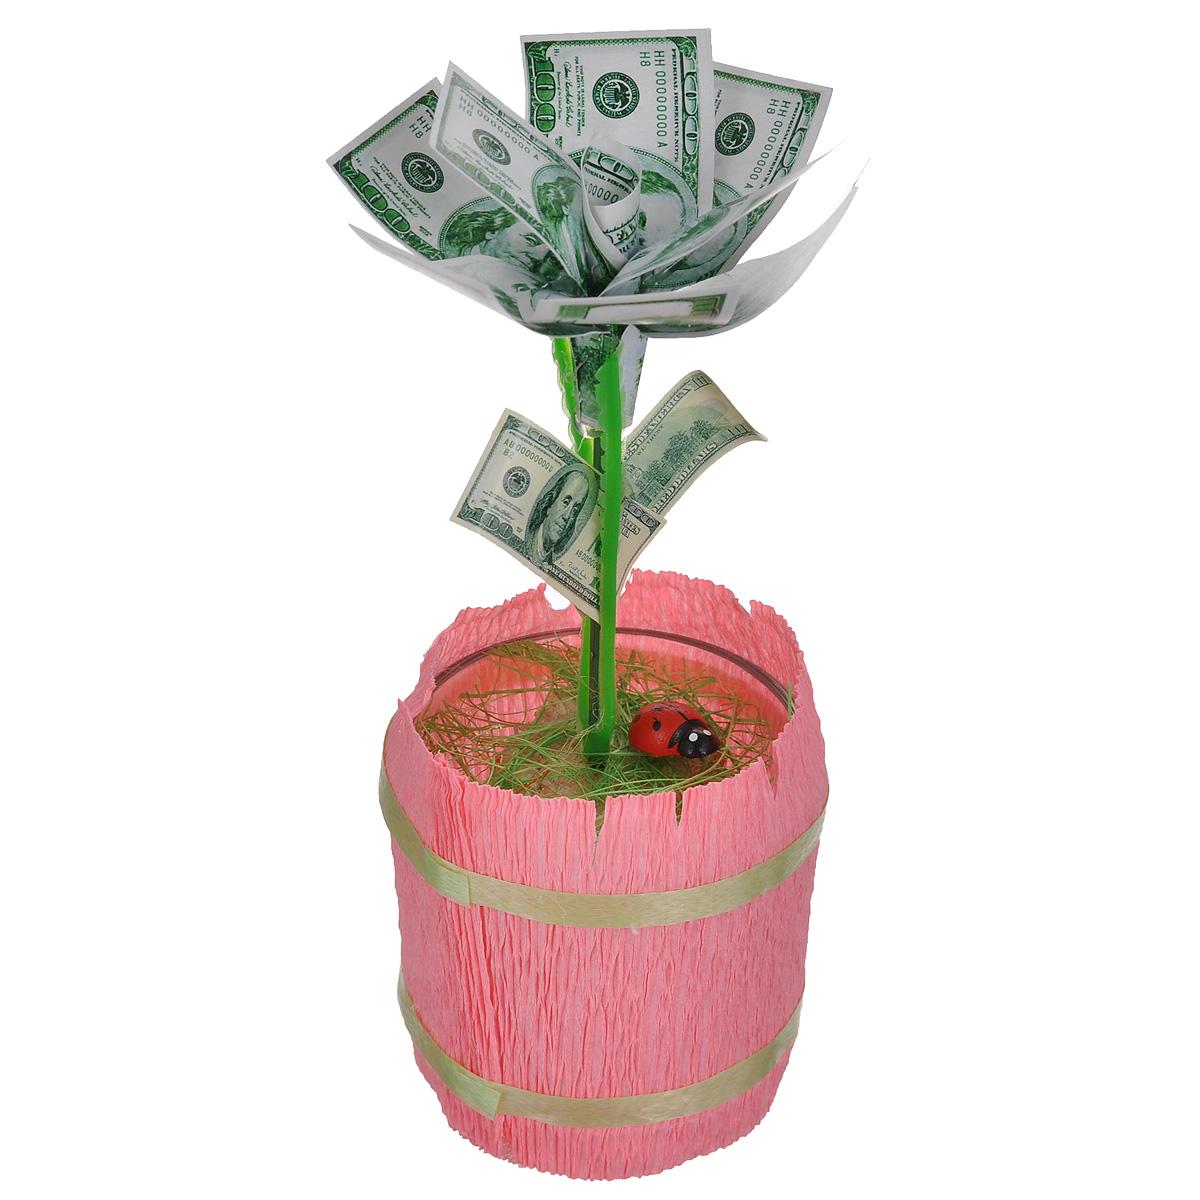 Денежный цветок Расцвет бизнеса. Доллары, цвет: розовый, зеленый, белый89968Настольная композиция Расцвет бизнеса. Доллары выполнена в виде симпатичного денежного цветка. На пластиковый стебель цветка насажены миниатюрные купюры достоинством в 100 долларов. Цветок закреплен в стеклянном стакане-горшочке, оформленном гофрированной бумагой. У основания цветка расположена забавная божья коровка.Такой симпатичный денежный цветок будет отличным подарком к любому случаю! Высота цветка: 14 см. Диаметр цветка: 6 см.